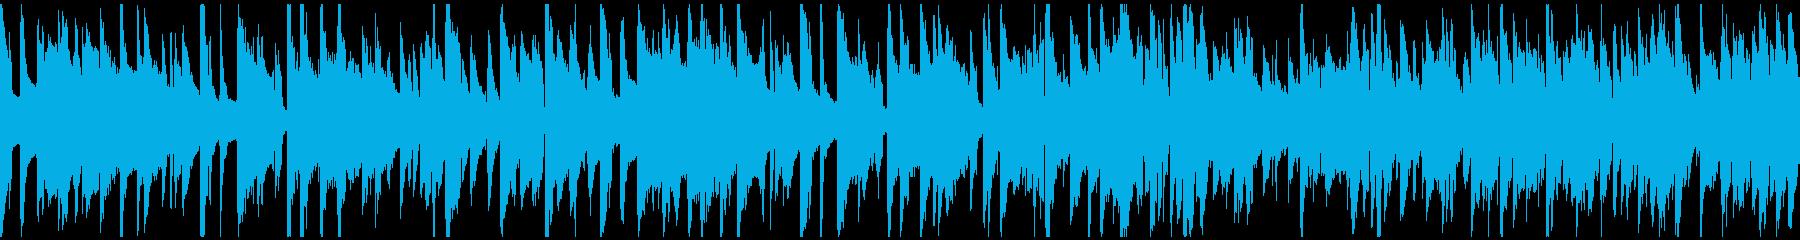 ハードボイルドな探偵系ジャズ ※ループ版の再生済みの波形